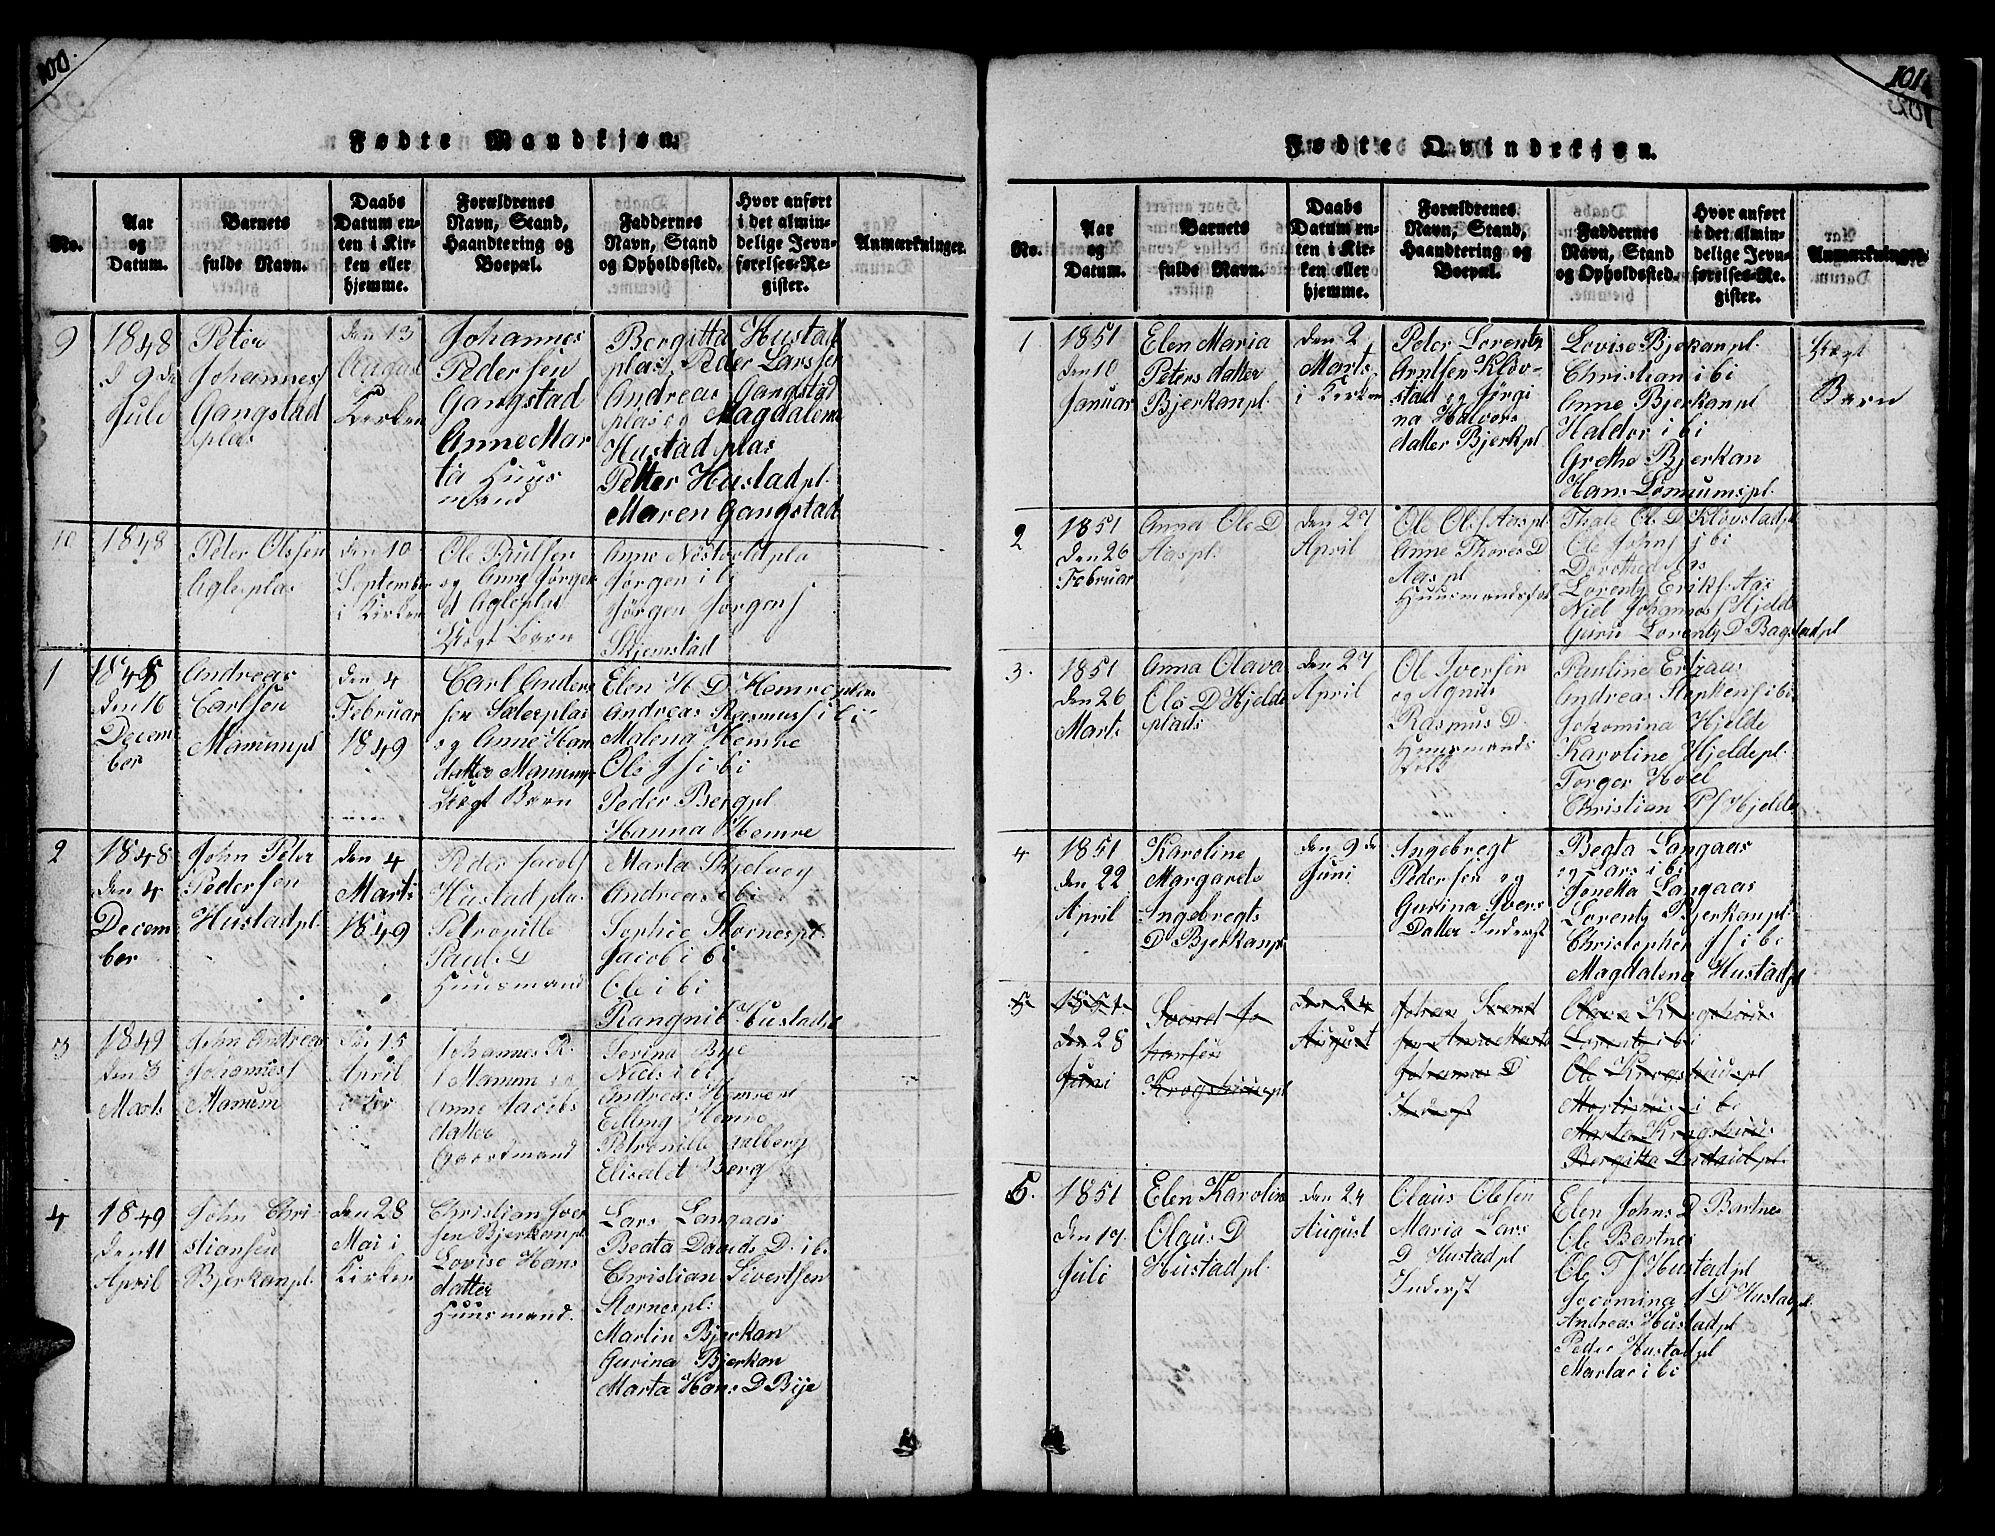 SAT, Ministerialprotokoller, klokkerbøker og fødselsregistre - Nord-Trøndelag, 732/L0317: Klokkerbok nr. 732C01, 1816-1881, s. 100-101